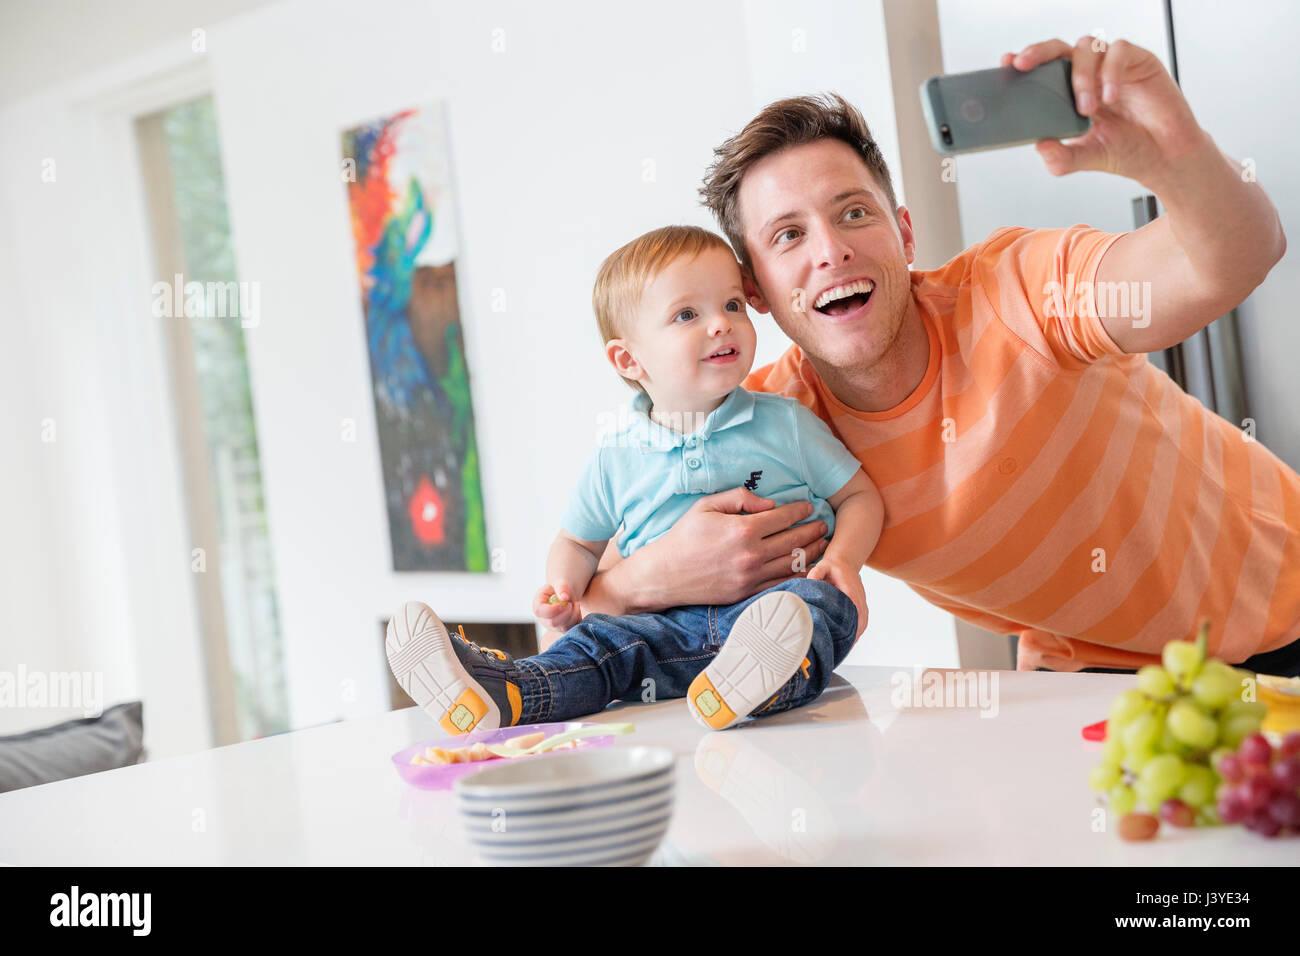 Padre e Hijo niño tomando selfie en cocina en casa Imagen De Stock